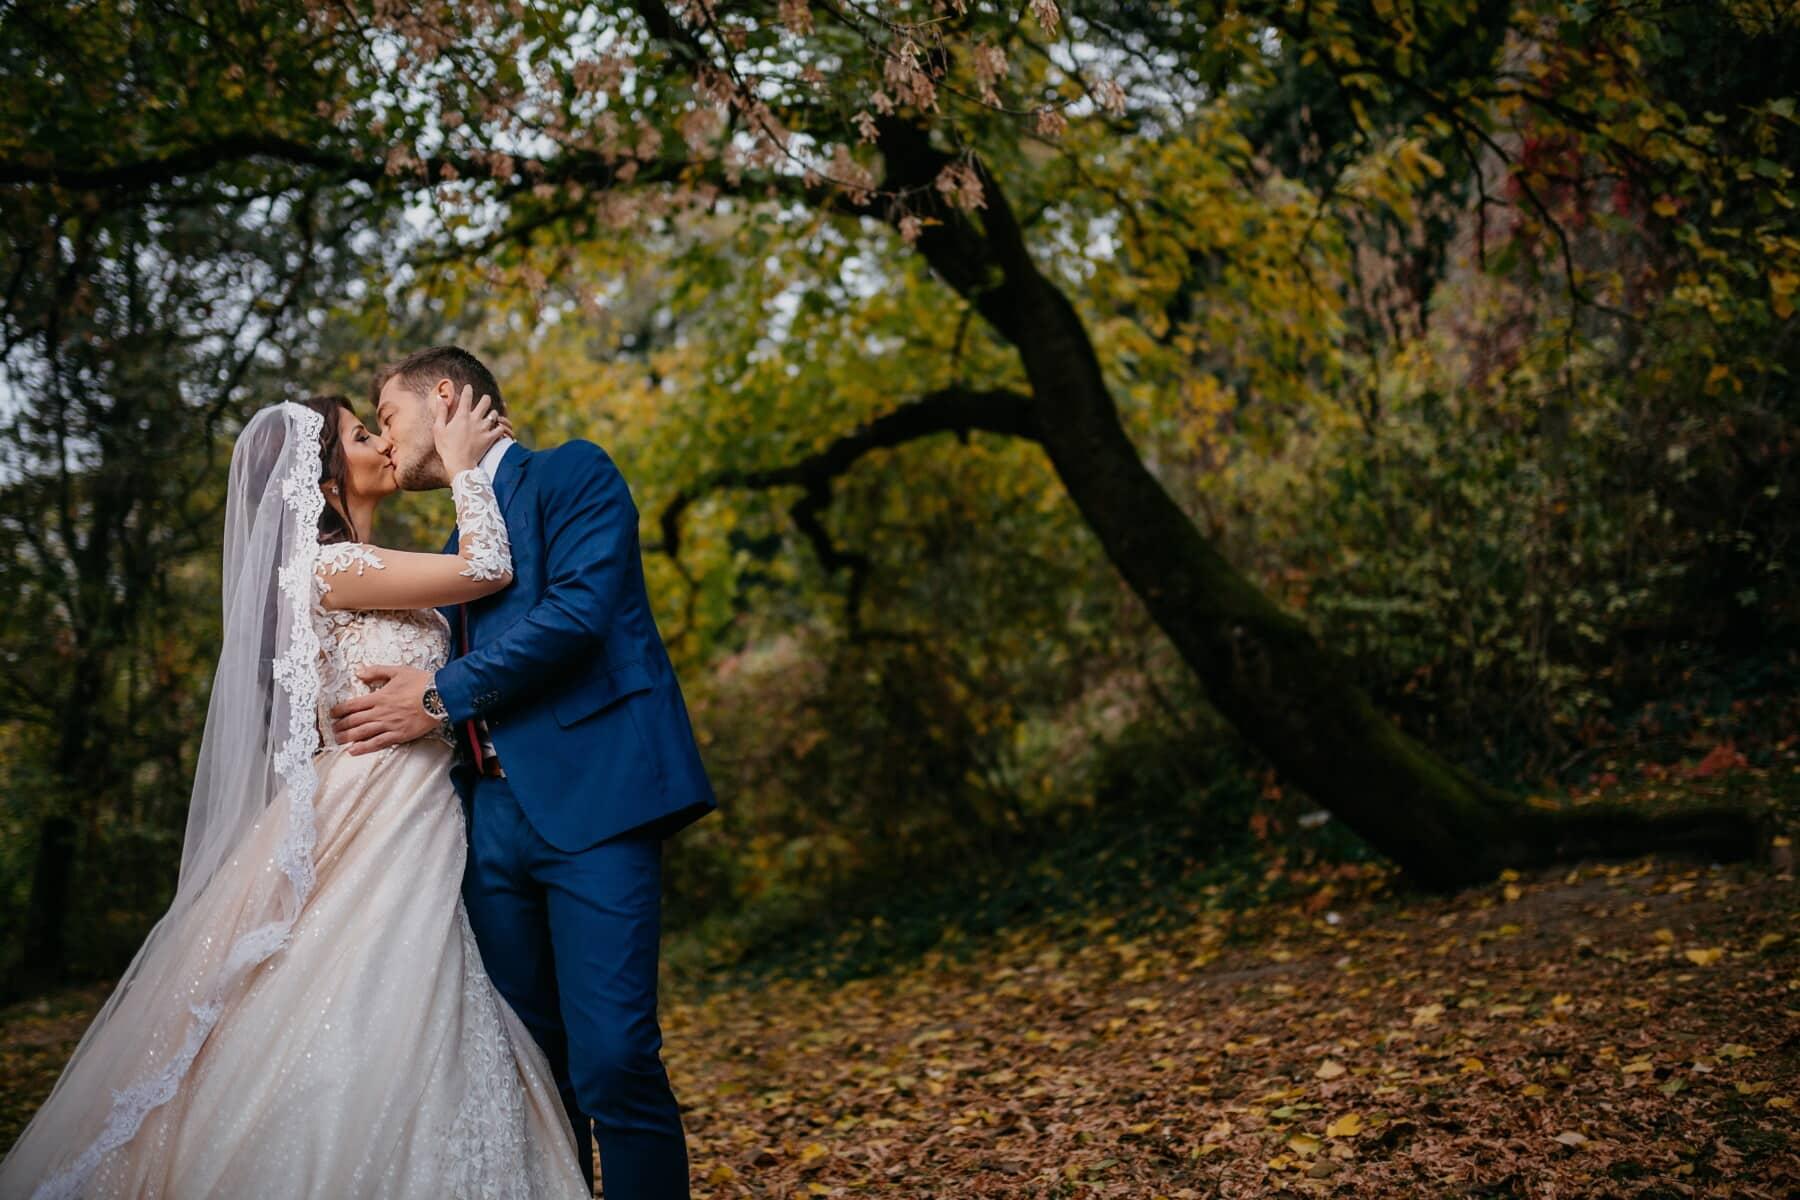 nevesta, poljubac, romantično, mladoženja, vjenčanica, šuma, jesen, ljubav, angažman, djevojka